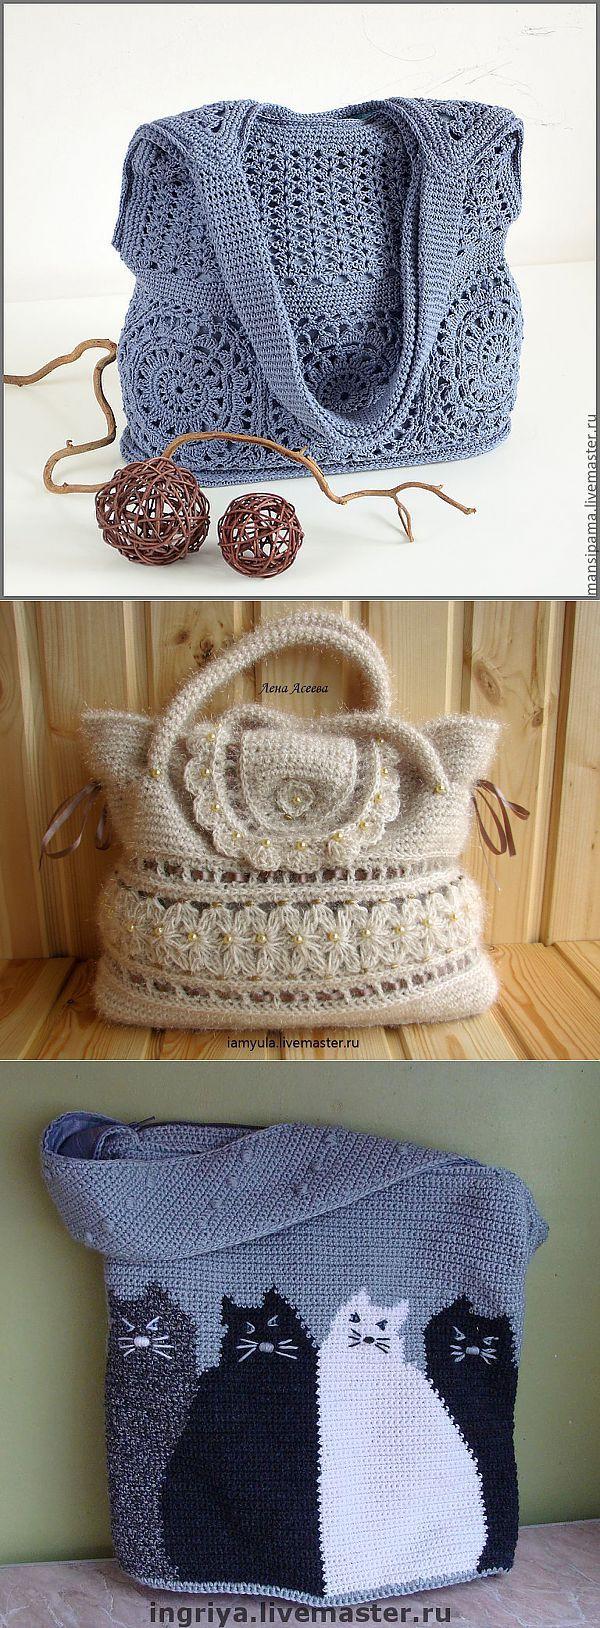 Симпатичные вязаные сумочки | Вязаные сумки | Постила